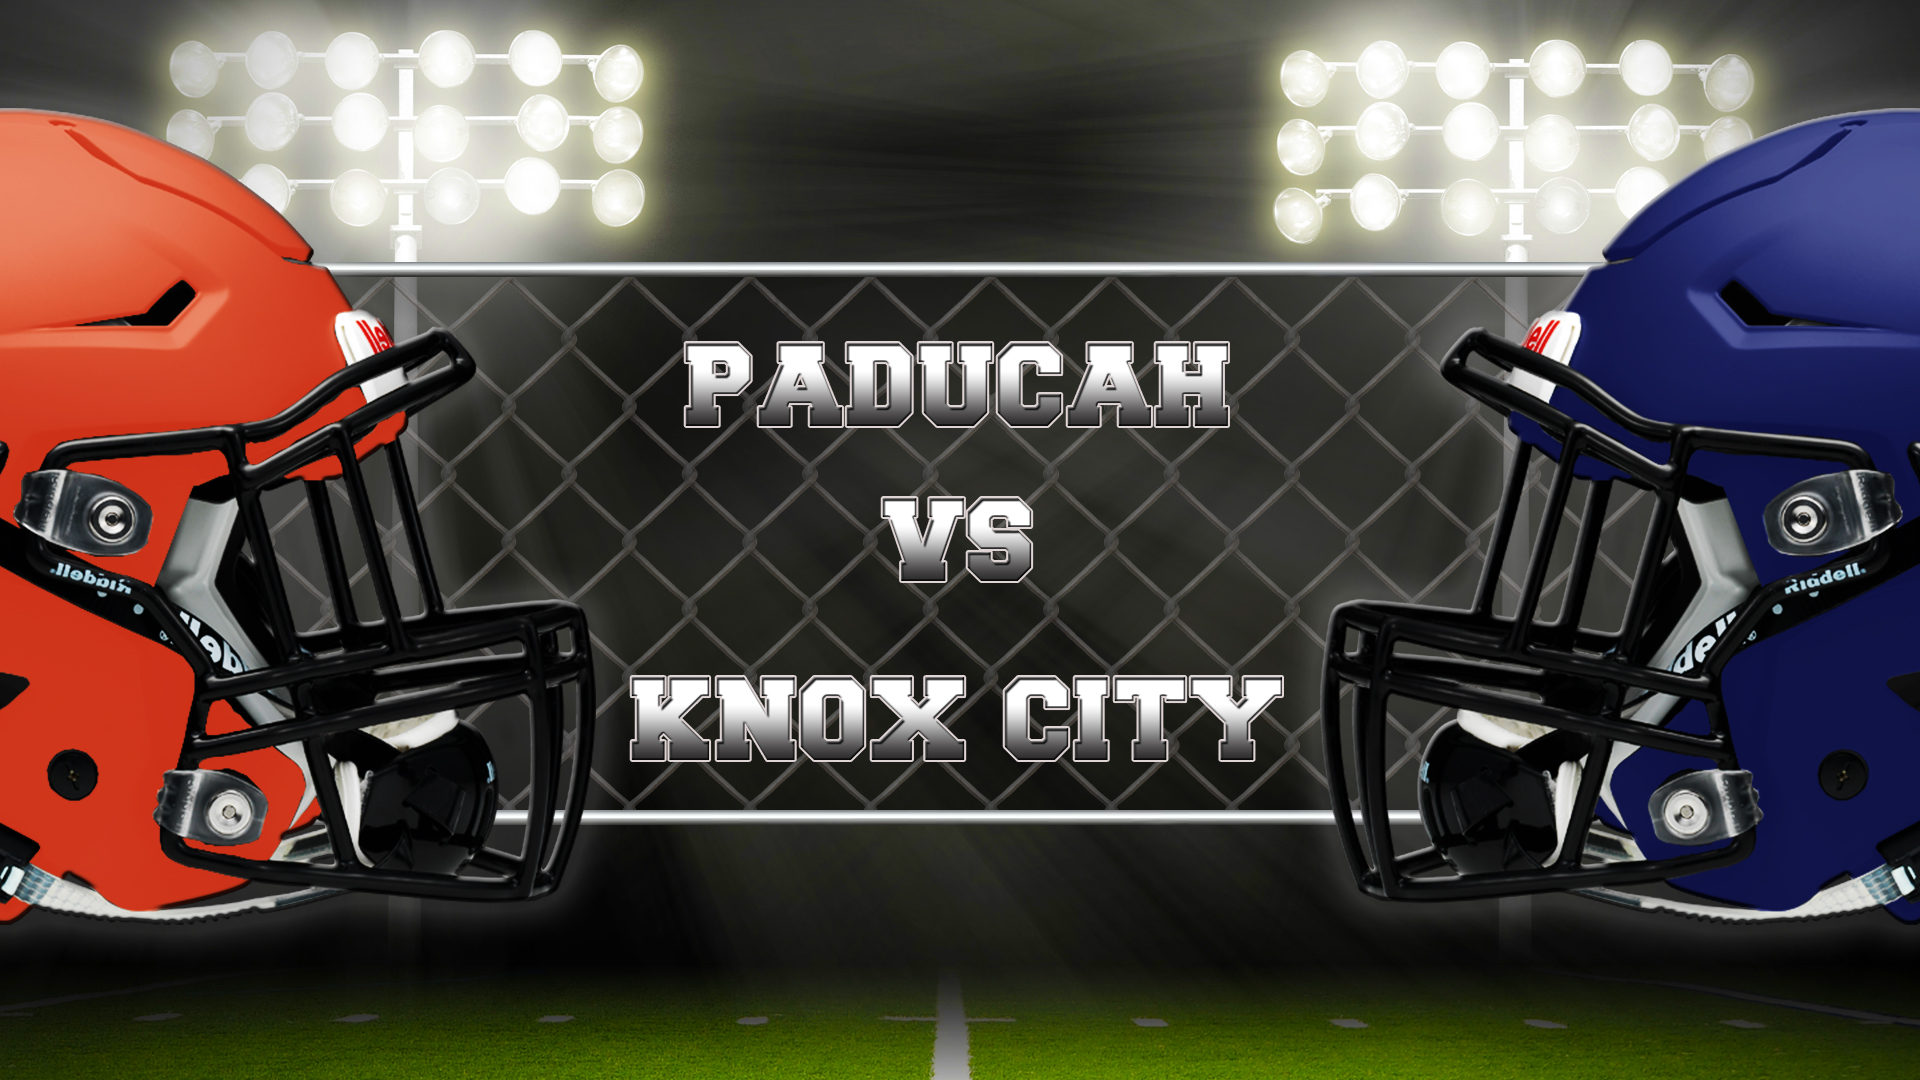 Paducah vs Knox City_1478096443797.jpg